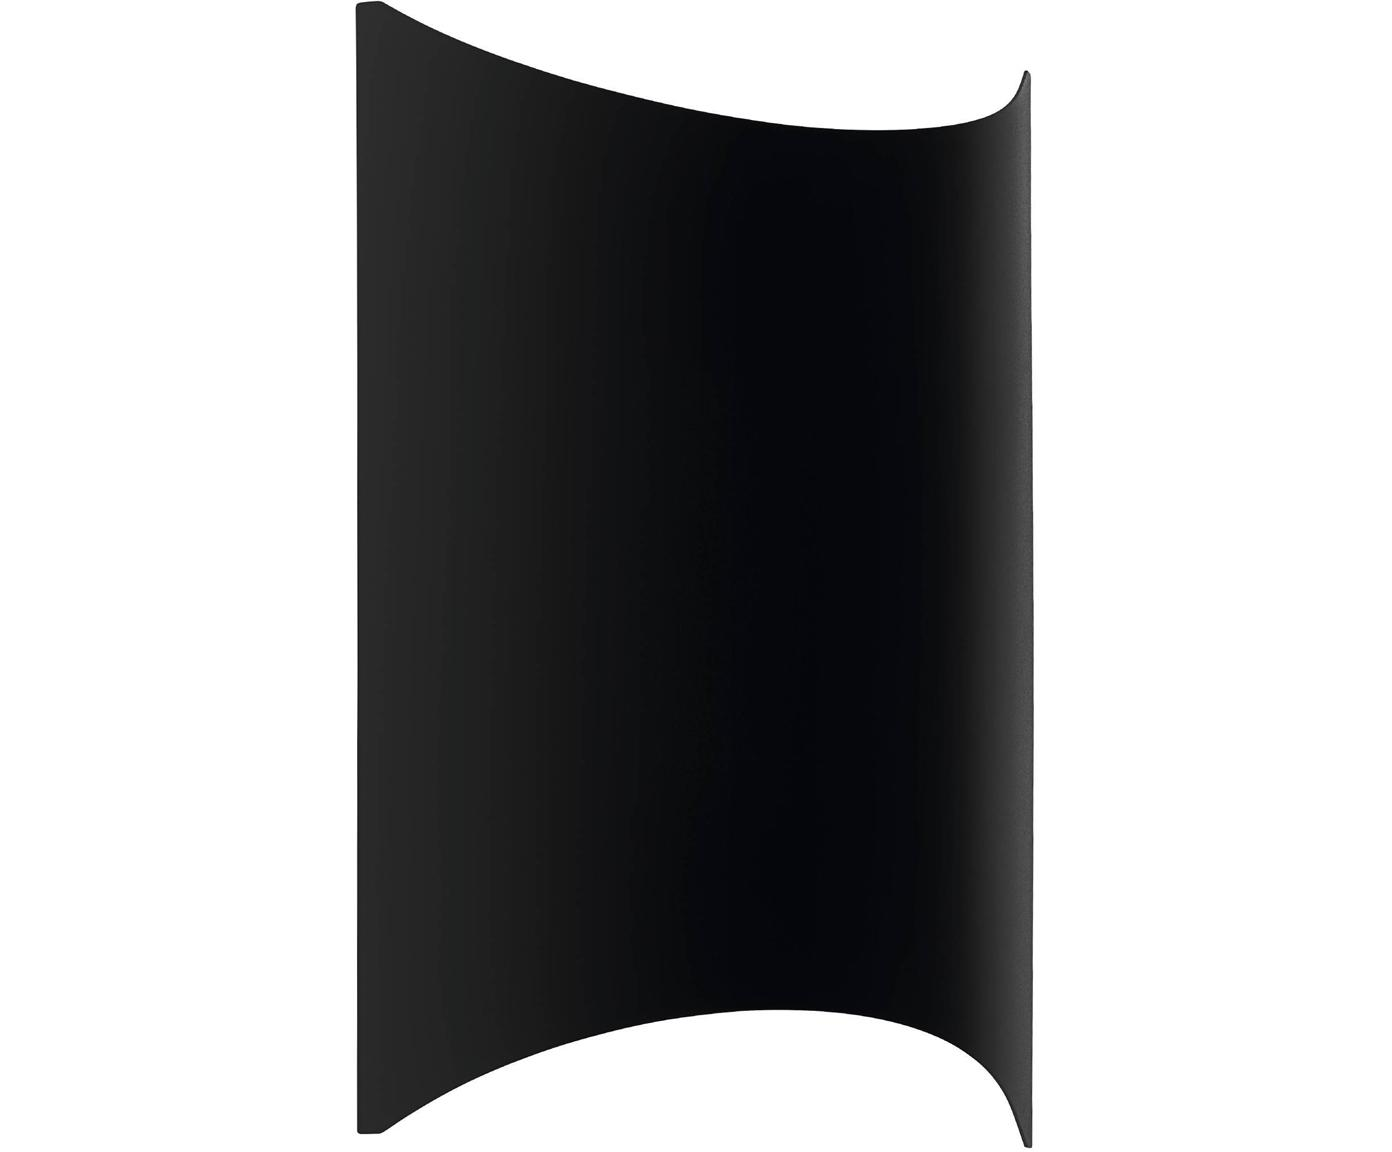 Aplique LED para exterior Lagasco, Acero galvanizado, Negro, An 19 x F 28 cm